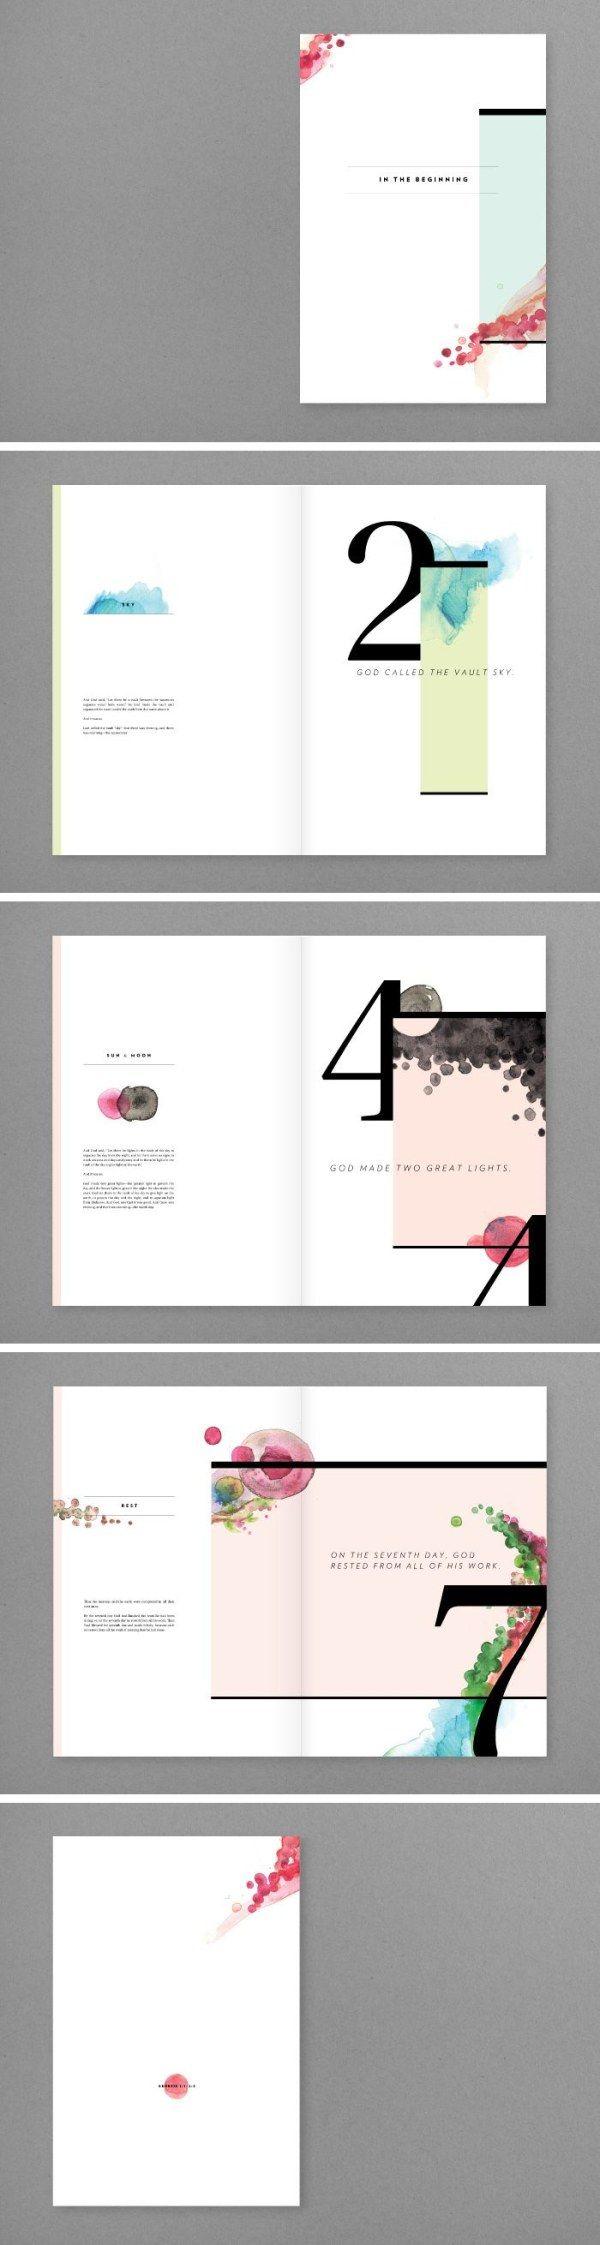 优秀画册设计 版式设计-画册设计-平面设计 - 优秀作品欣赏 - 站酷网(ZCOOL)